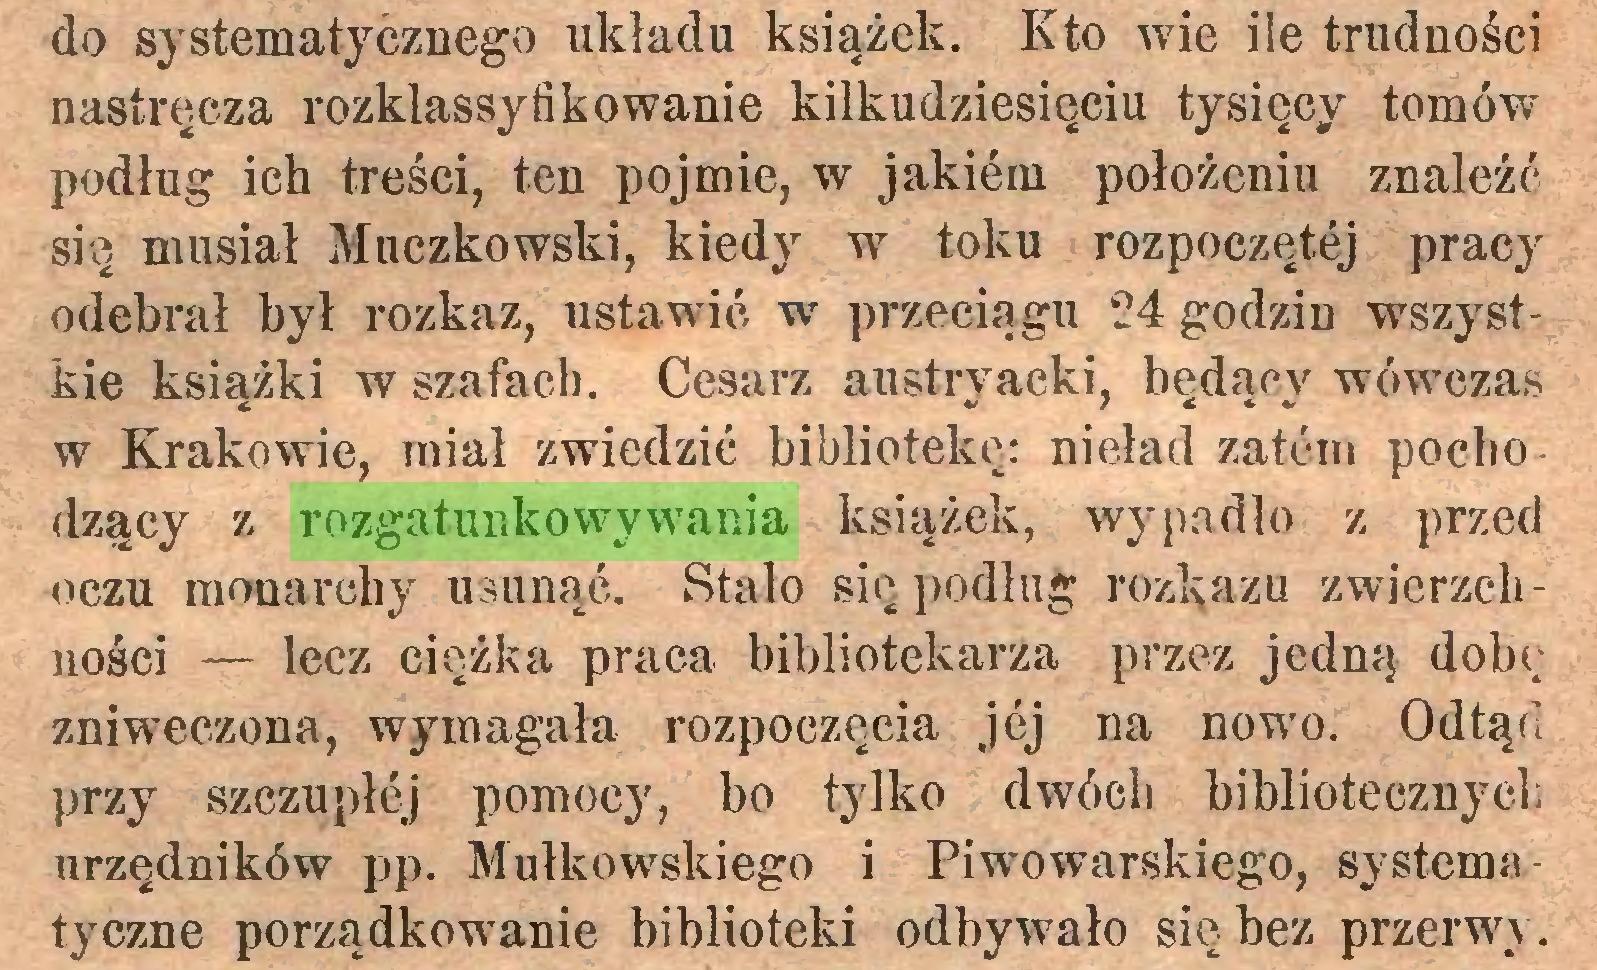 (...) do systematycznego układu książek. Kto wie ile trudności nastręcza rozklassyfikowanie kilkudziesięciu tysięcy tomów podług ich treści, ten pojmie, w jakiem położeniu znaleźć się musiał Kuczkowski, kiedy w toku rozpoczętej pracy odebrał był rozkaz, ustawić w przeciągu 24 godzin wszystkie książki w szafach. Cesarz austryacki, będący wówczas w Krakowie, miał zwiedzić bibliotekę: nieład zatem pochodzący z rozgatunkowywania książek, wypadło z przed oczu monarchy usunąć. Stało się podług rozkazu zwierzchności — lecz ciężka praca bibliotekarza przez jedną dobę zniweczona, wymagała rozpoczęcia jej na nowo. Odtąd przy szczupłej pomocy, bo tylko dwóch bibliotecznych urzędników pp. Mułkowskiego i Piwowarskiego, systemu tyczne porządkowanie biblioteki odbywało się bez przerwy ...